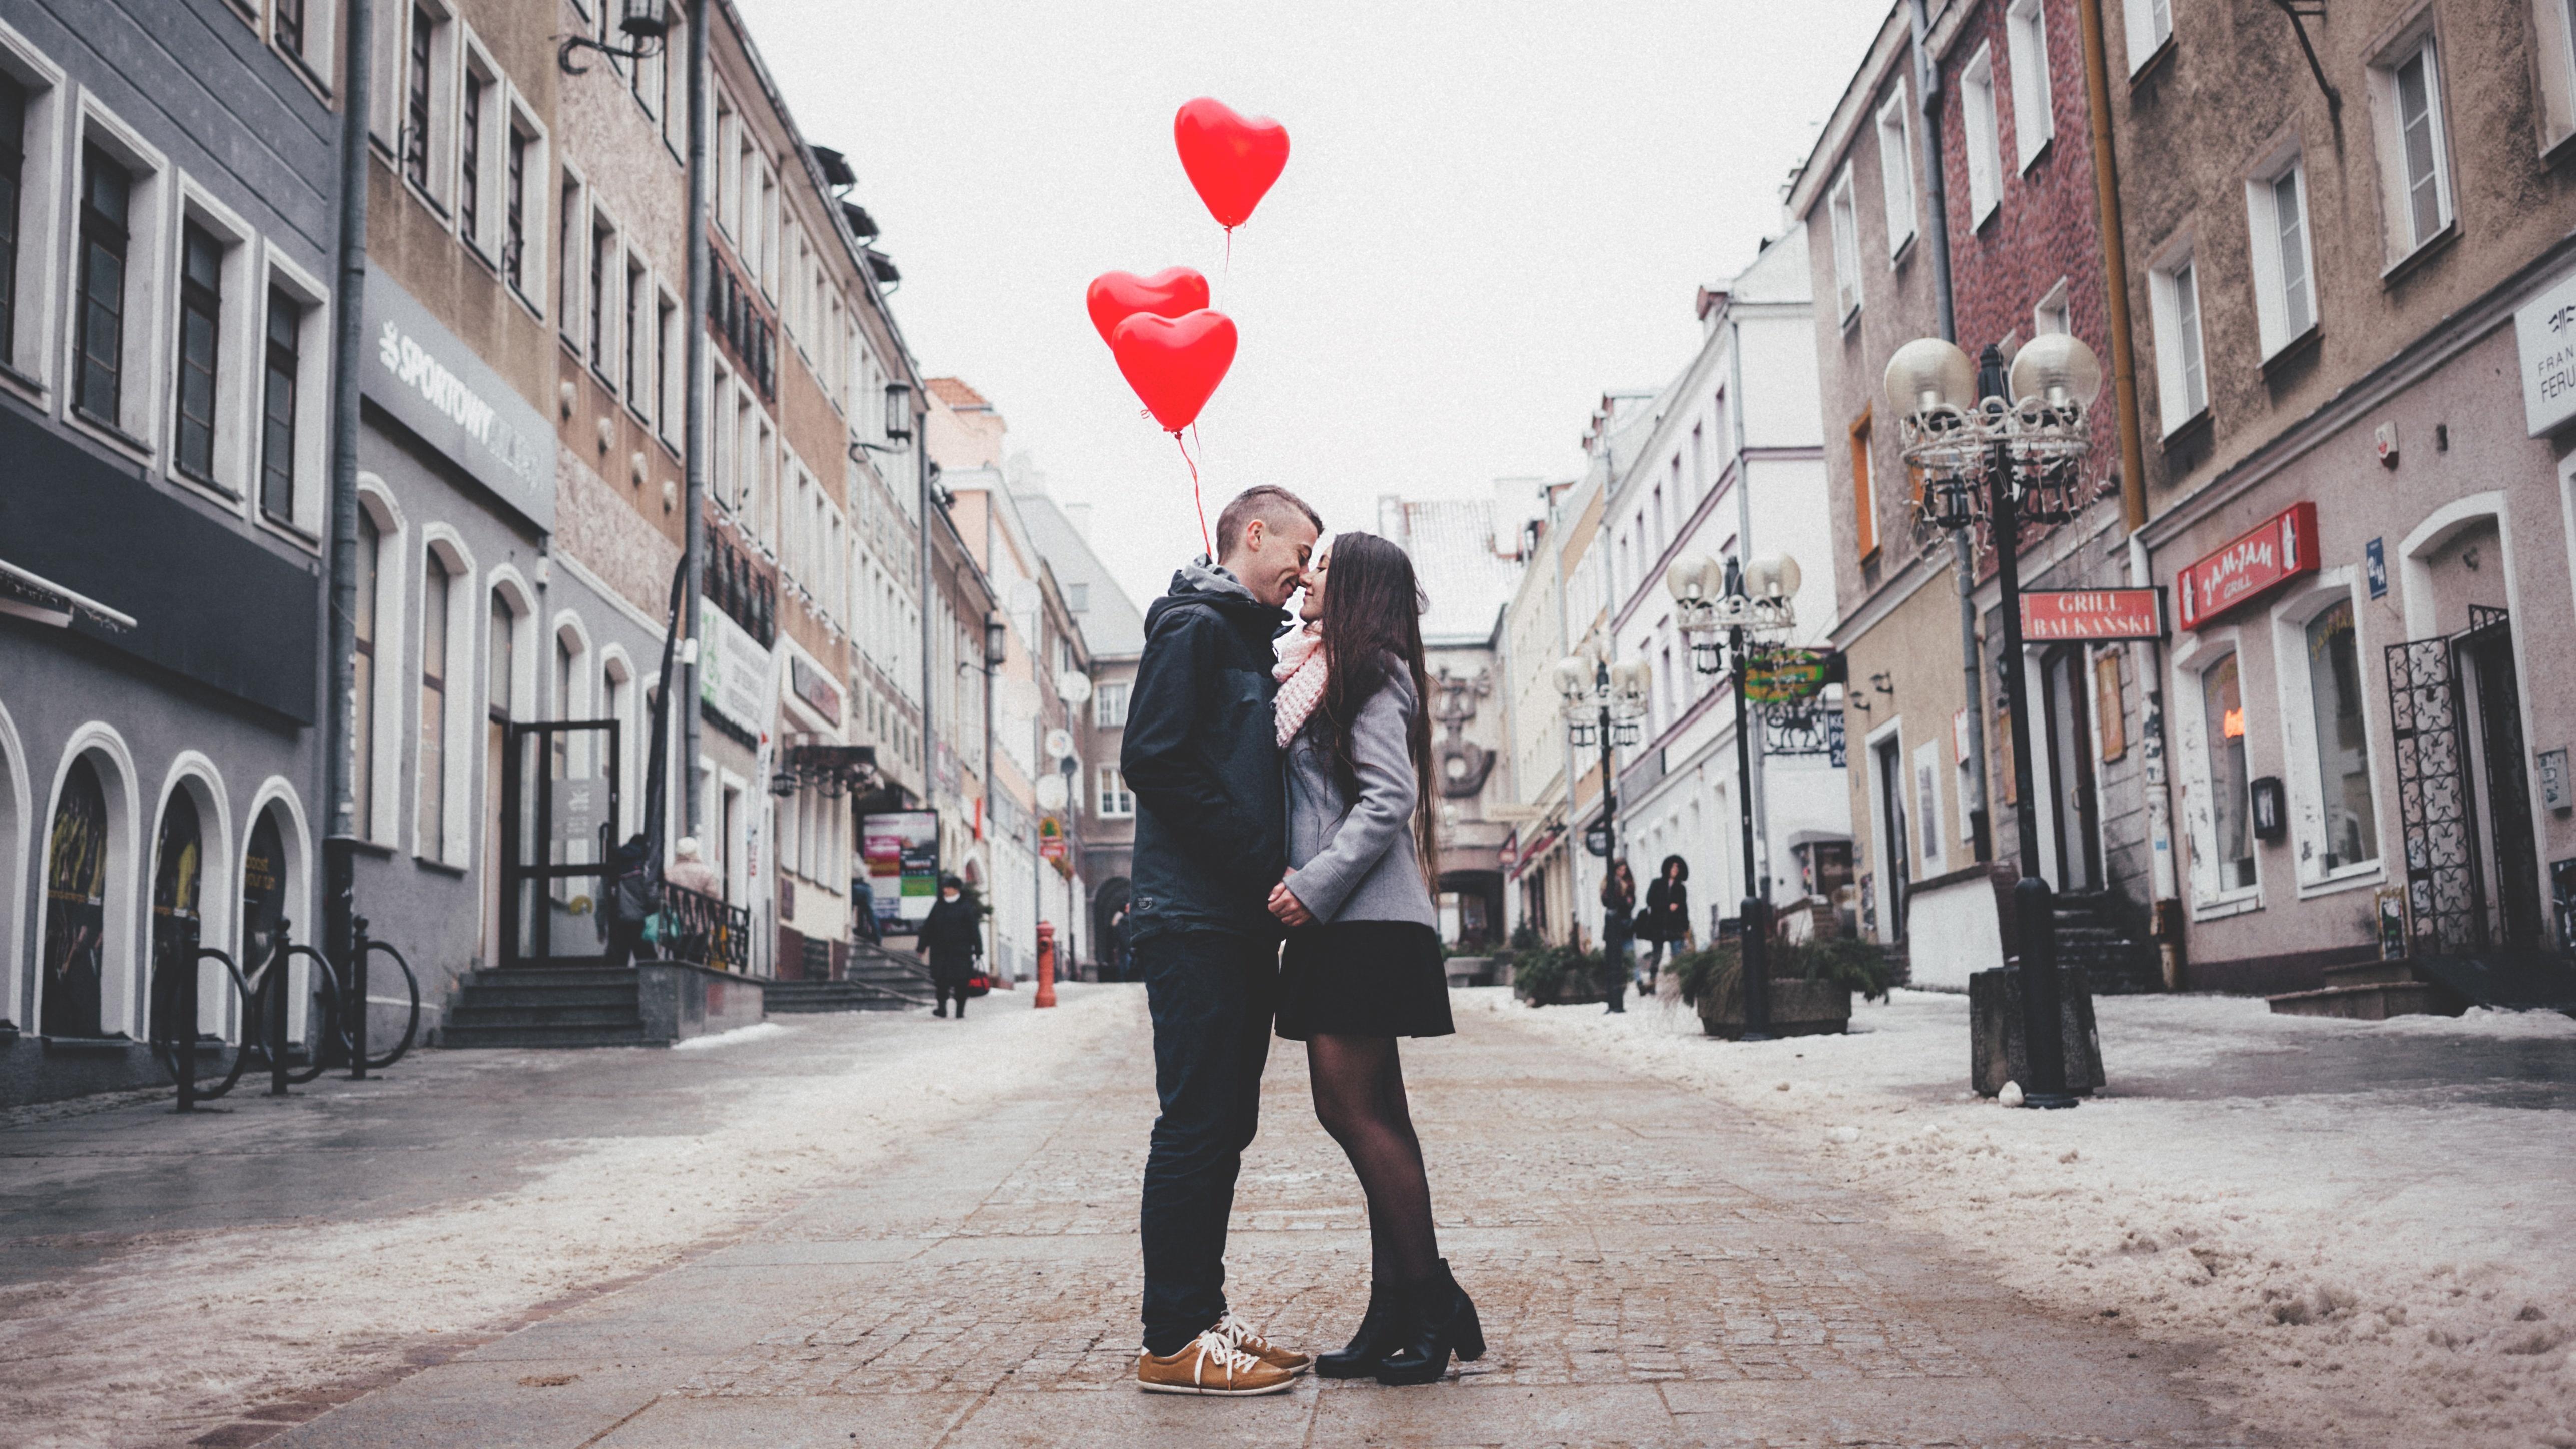 Ab wann ist es eine Beziehung? Erkennen und Besprechen